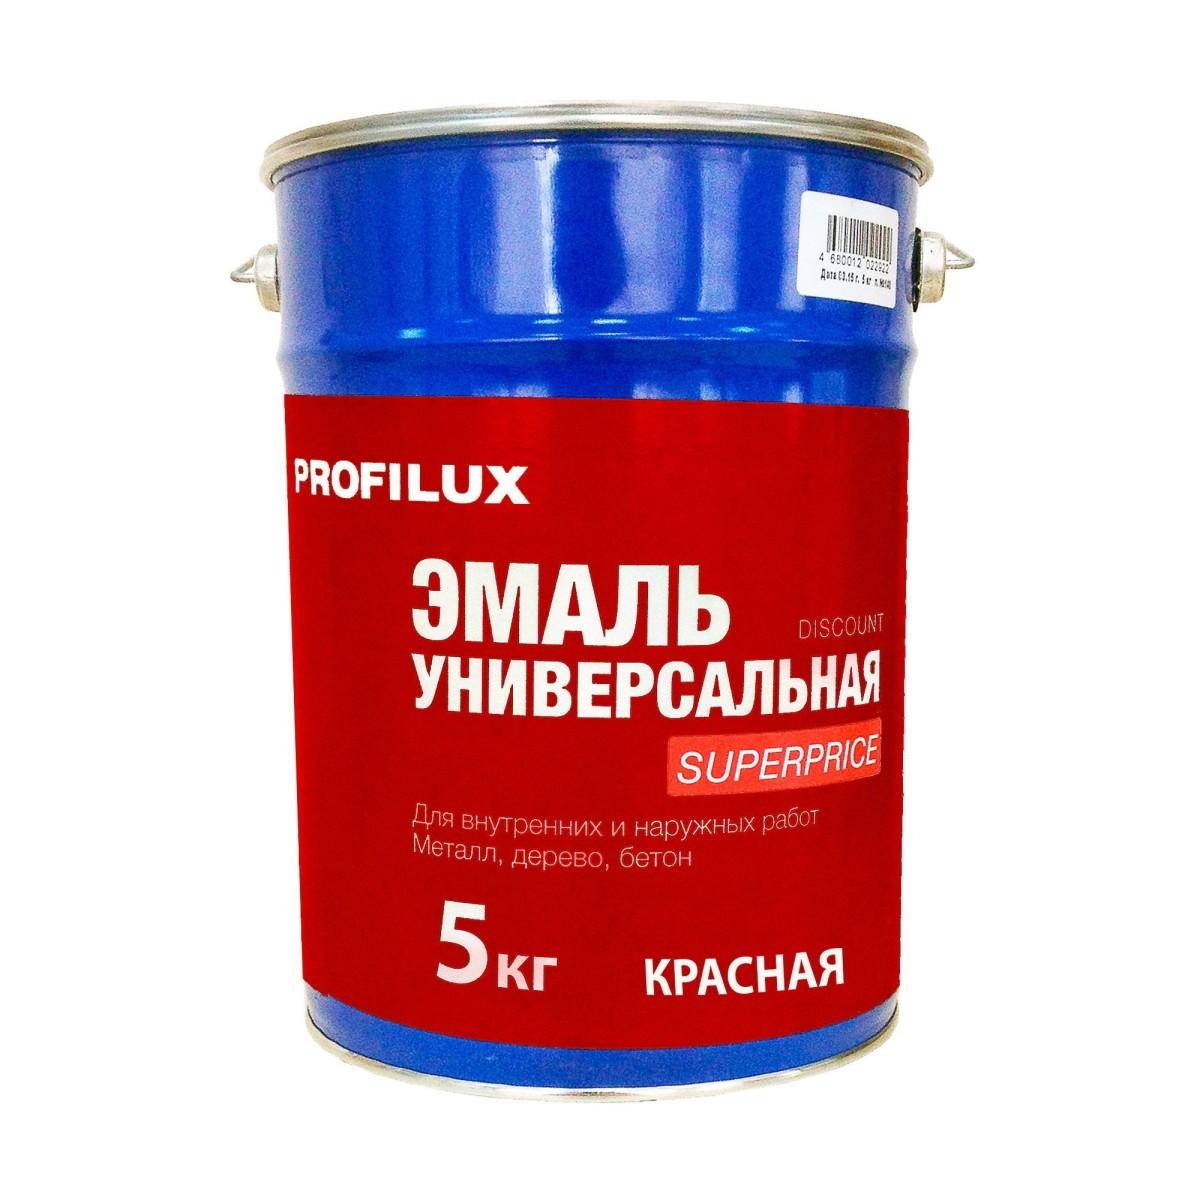 Профилюкс Эмаль Superprice цвет красный 5 кг